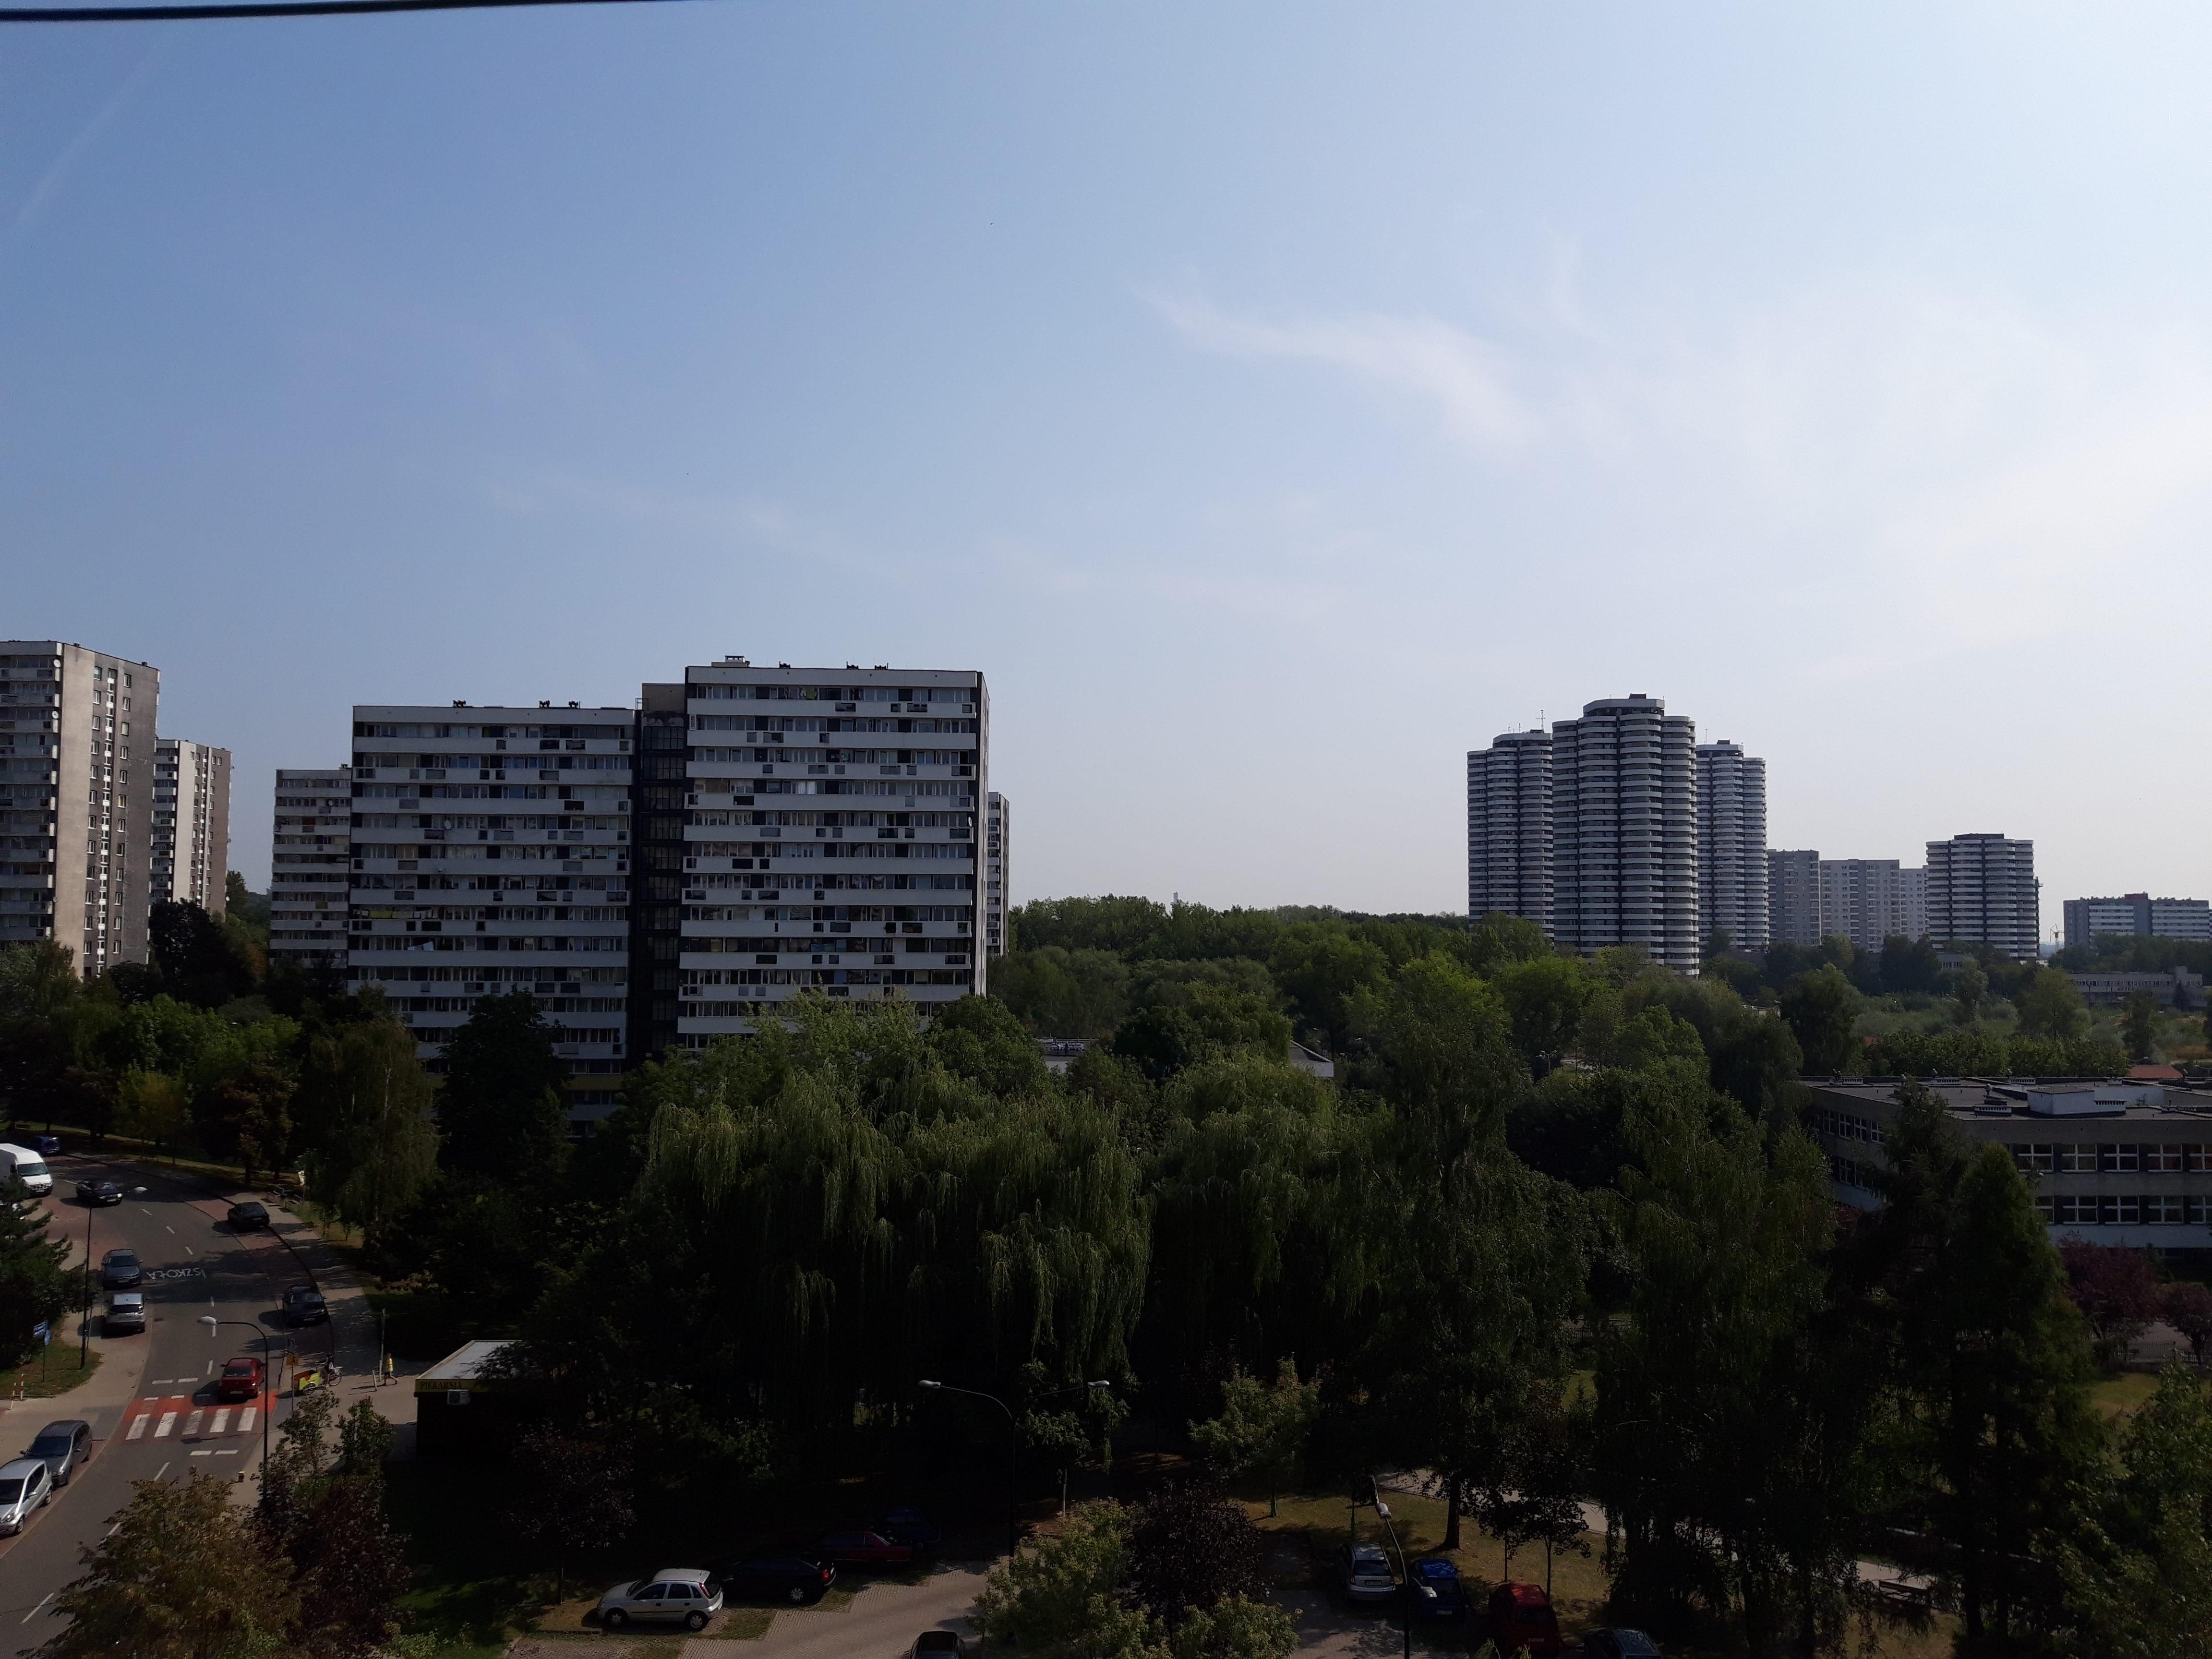 Słoneczna pogoda - Samsung Galaxy A6